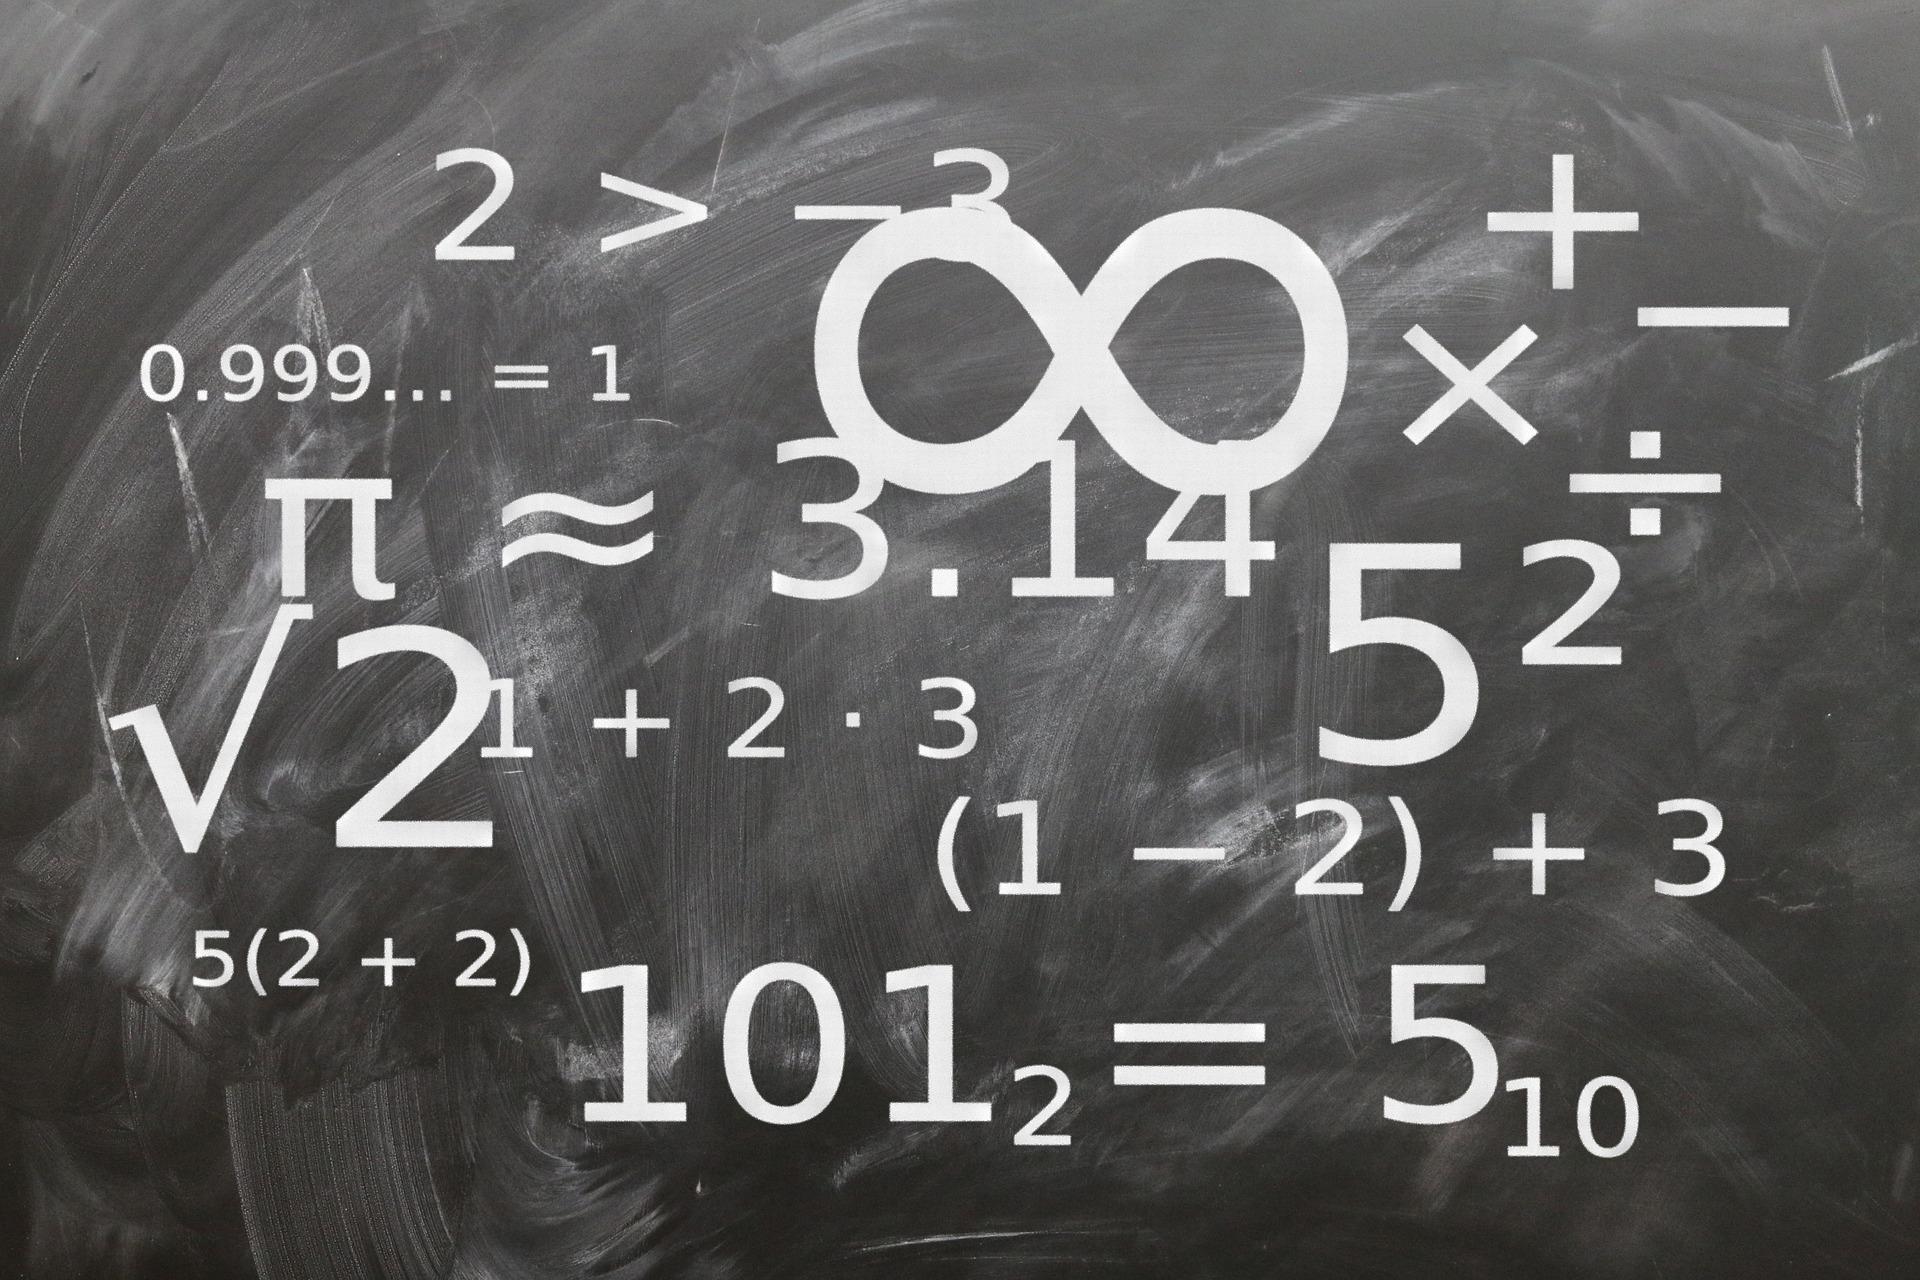 4456915778-grafikaDoQuizowMatematycznych